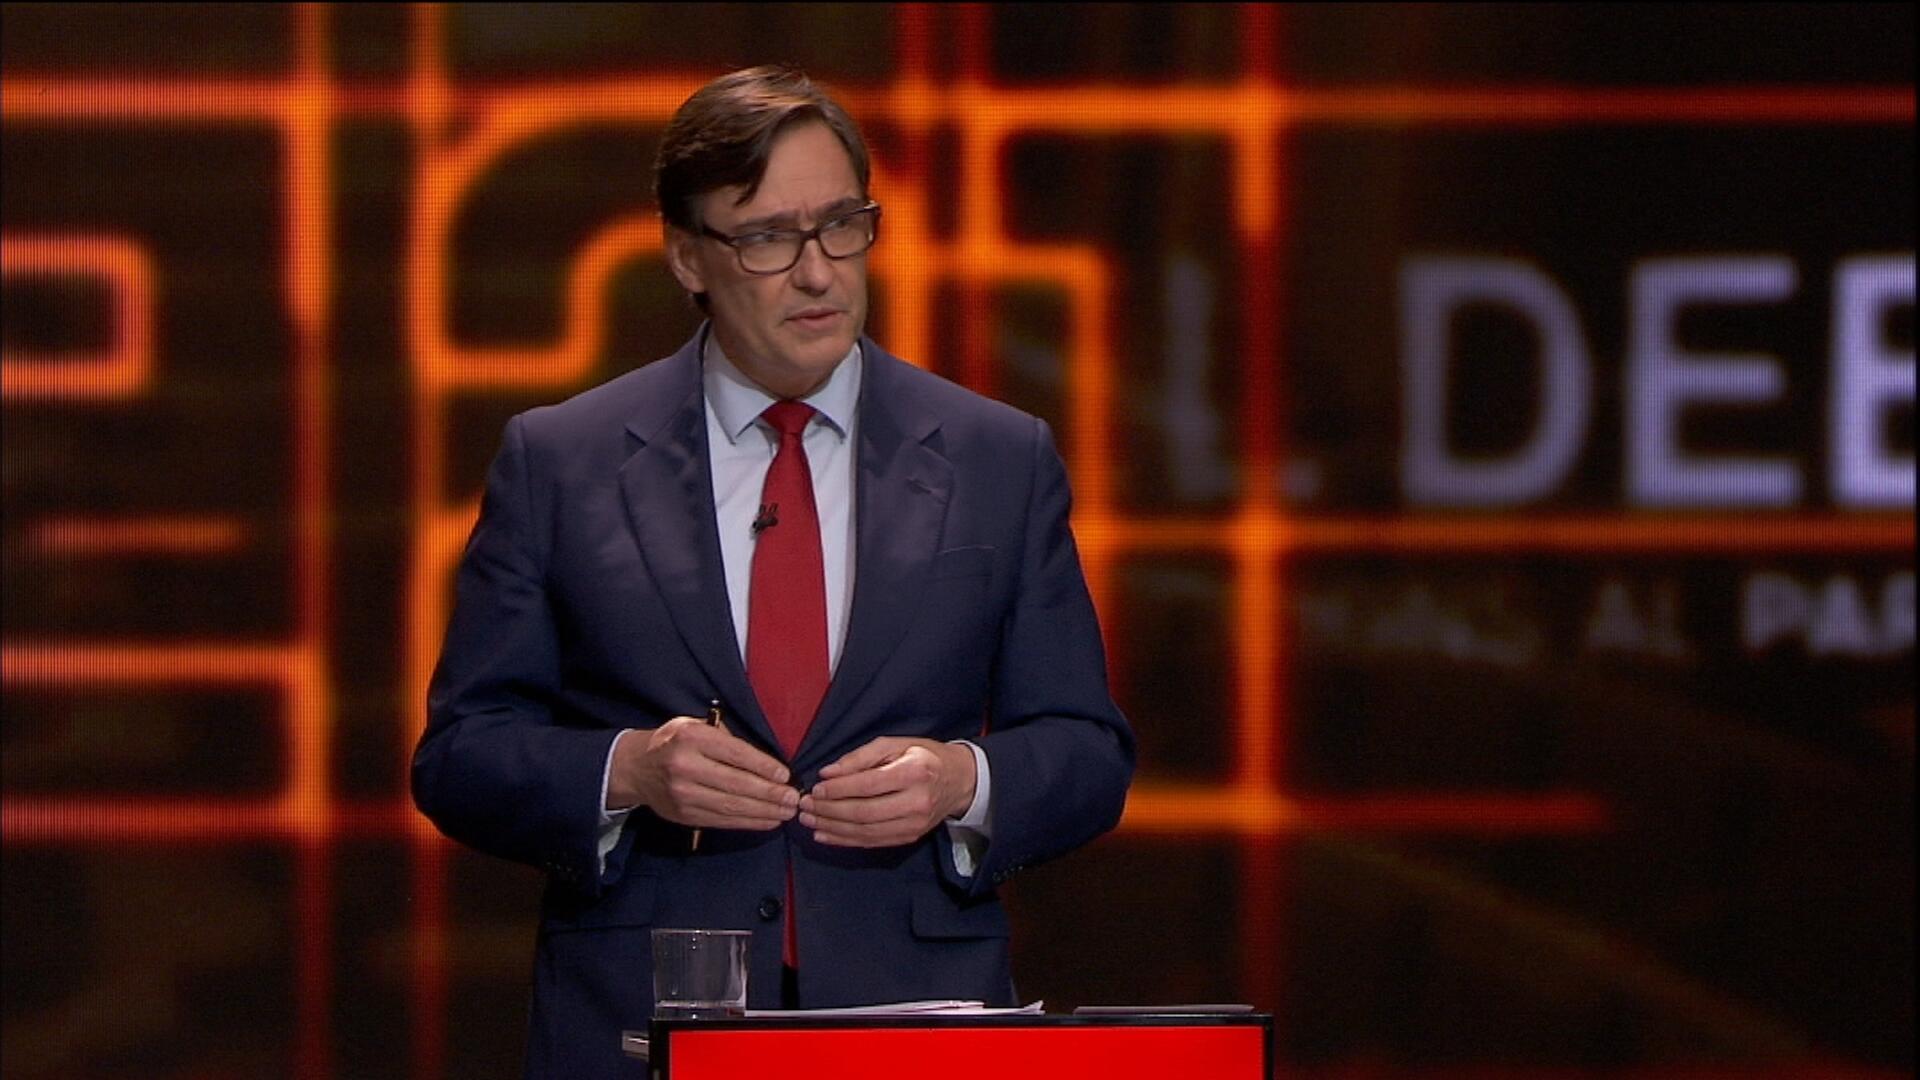 El candidato del PSC, Salvador Illa, en el debate electoral del 14-F en TV3, el 9 de febrero de 2021 | CCMA